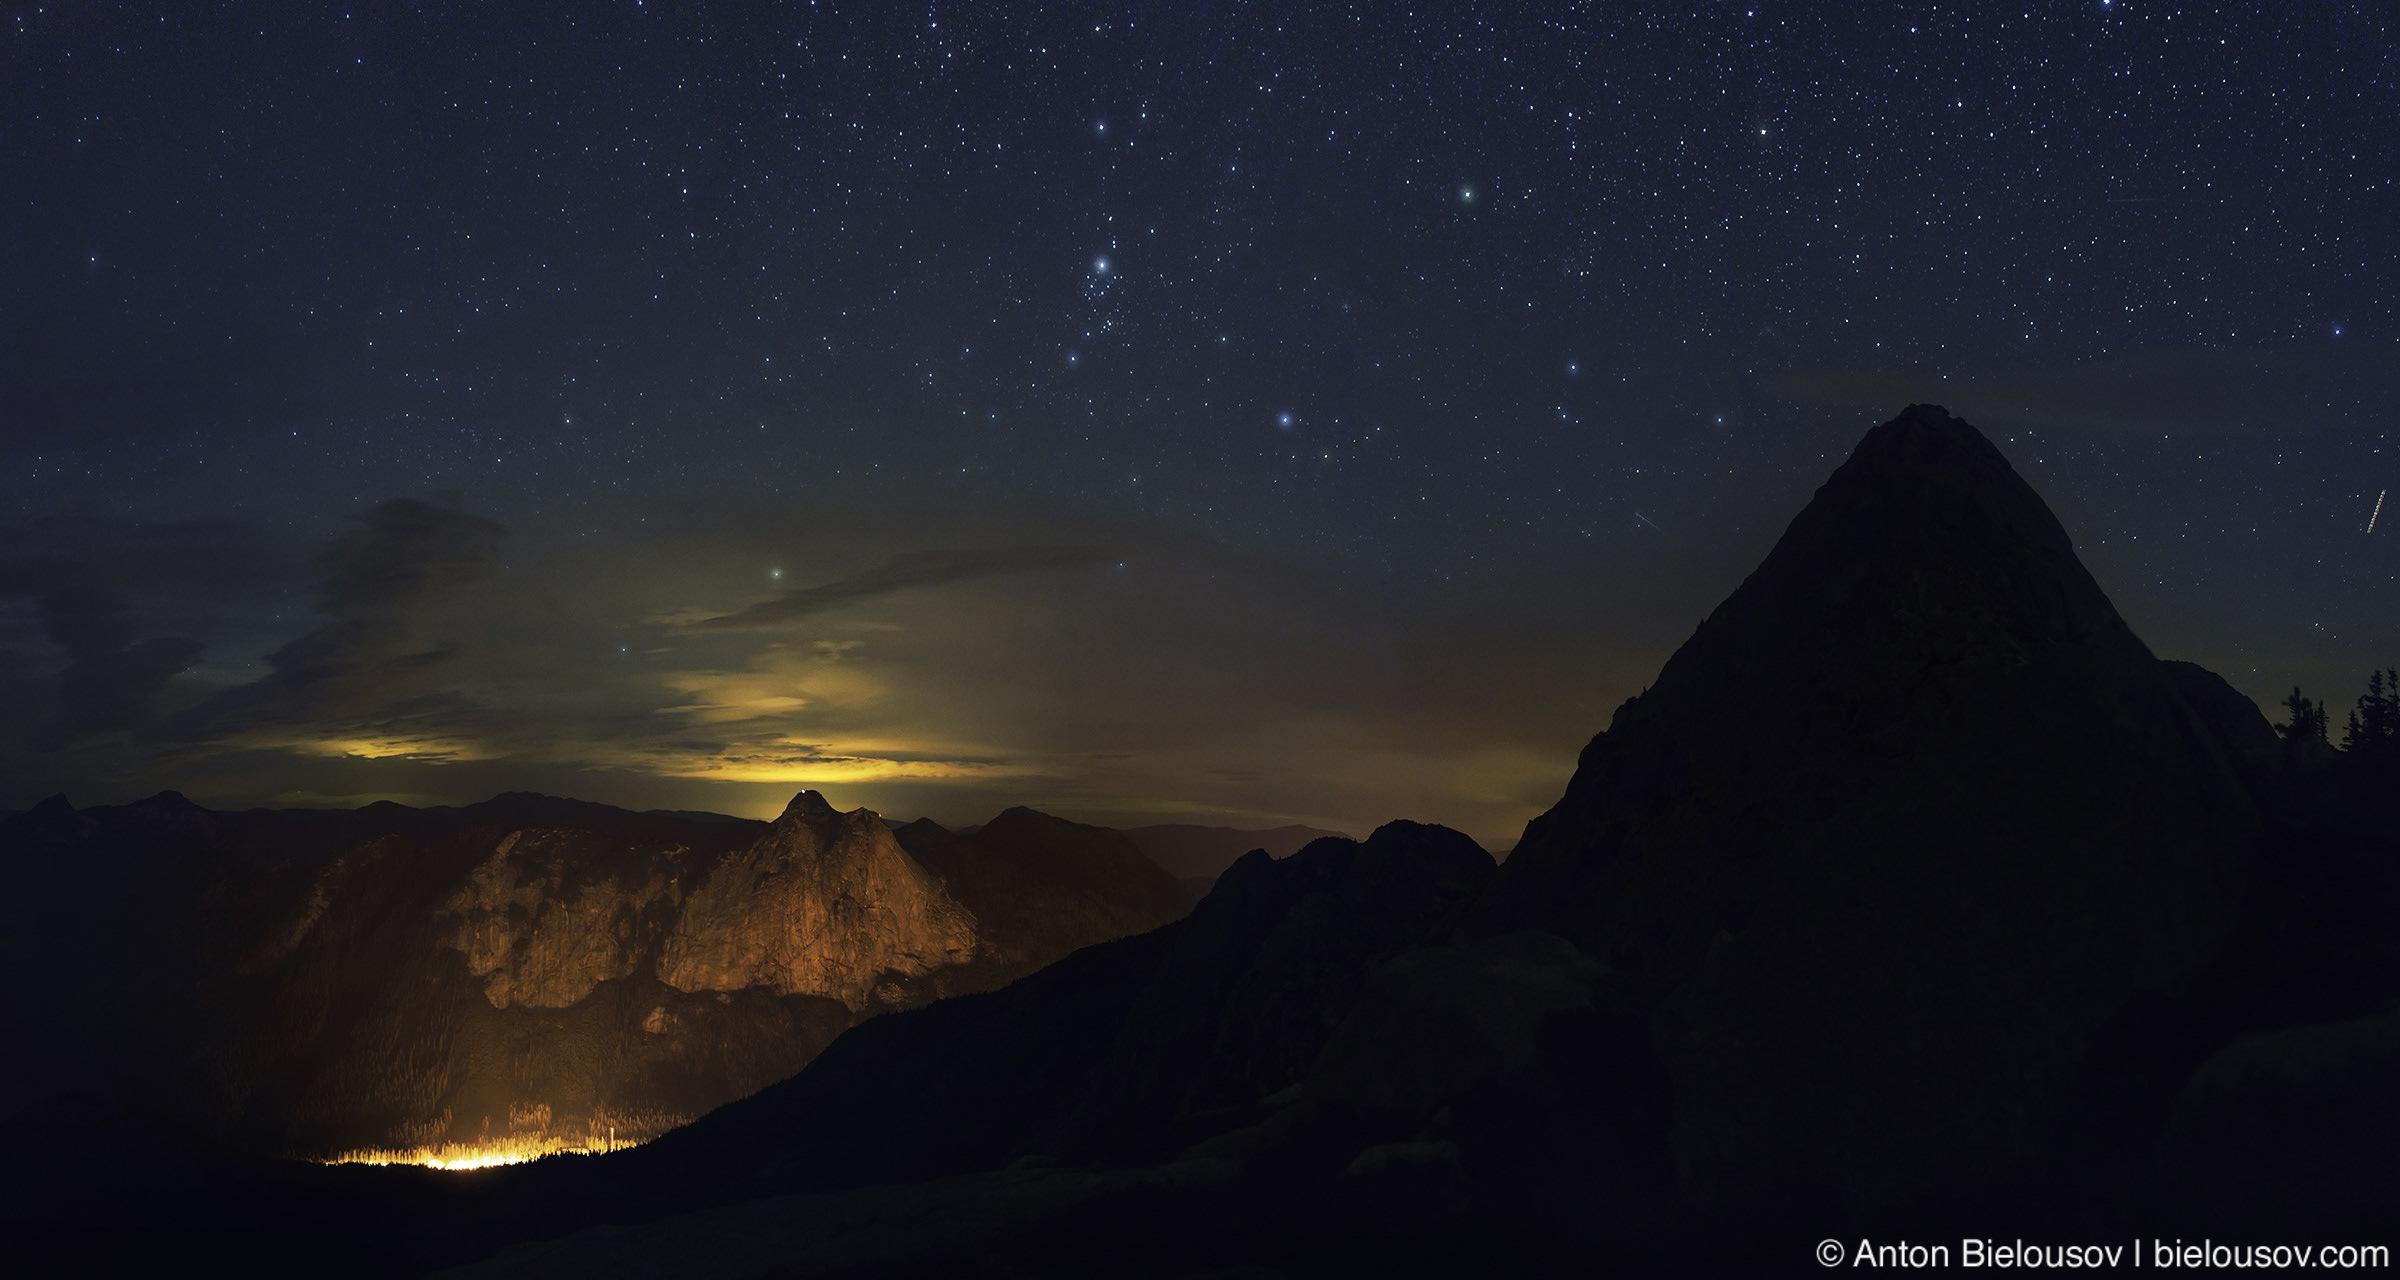 Вид на долину с ночного пика (Nikon D800 + Nikon AF-S 35mm f/1.8 G DX)